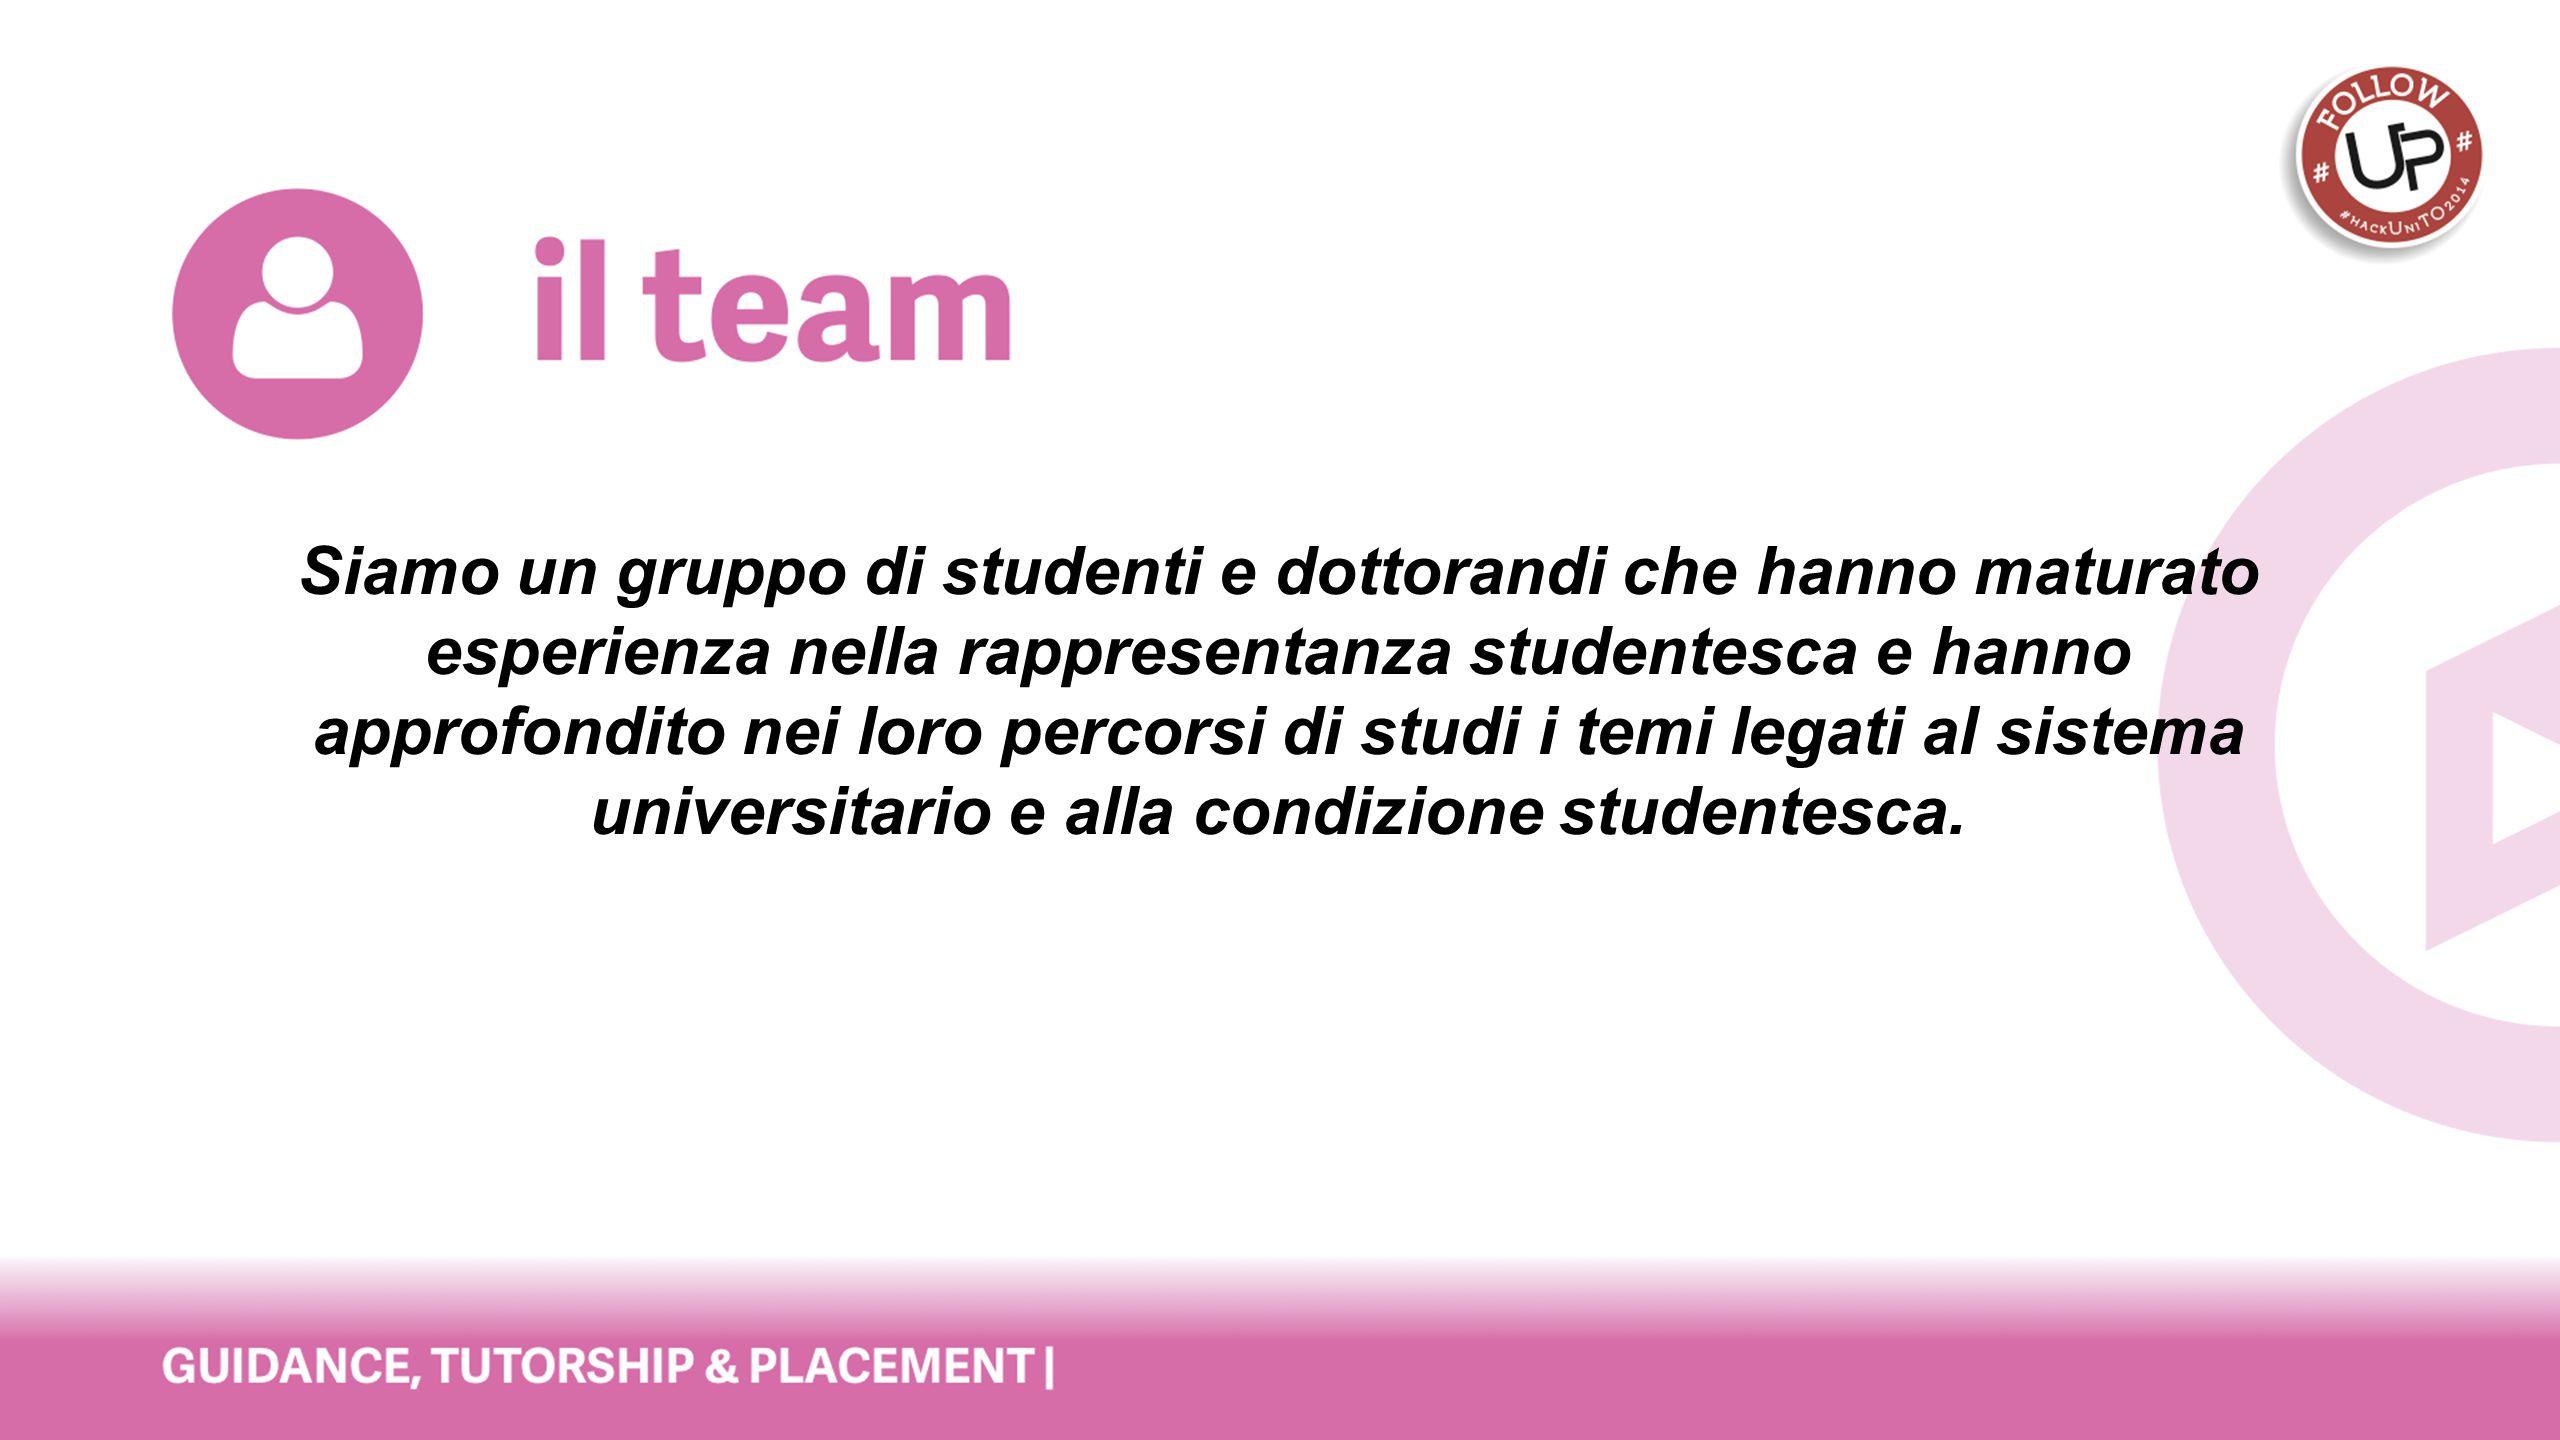 Siamo un gruppo di studenti e dottorandi che hanno maturato esperienza nella rappresentanza studentesca e hanno approfondito nei loro percorsi di stud